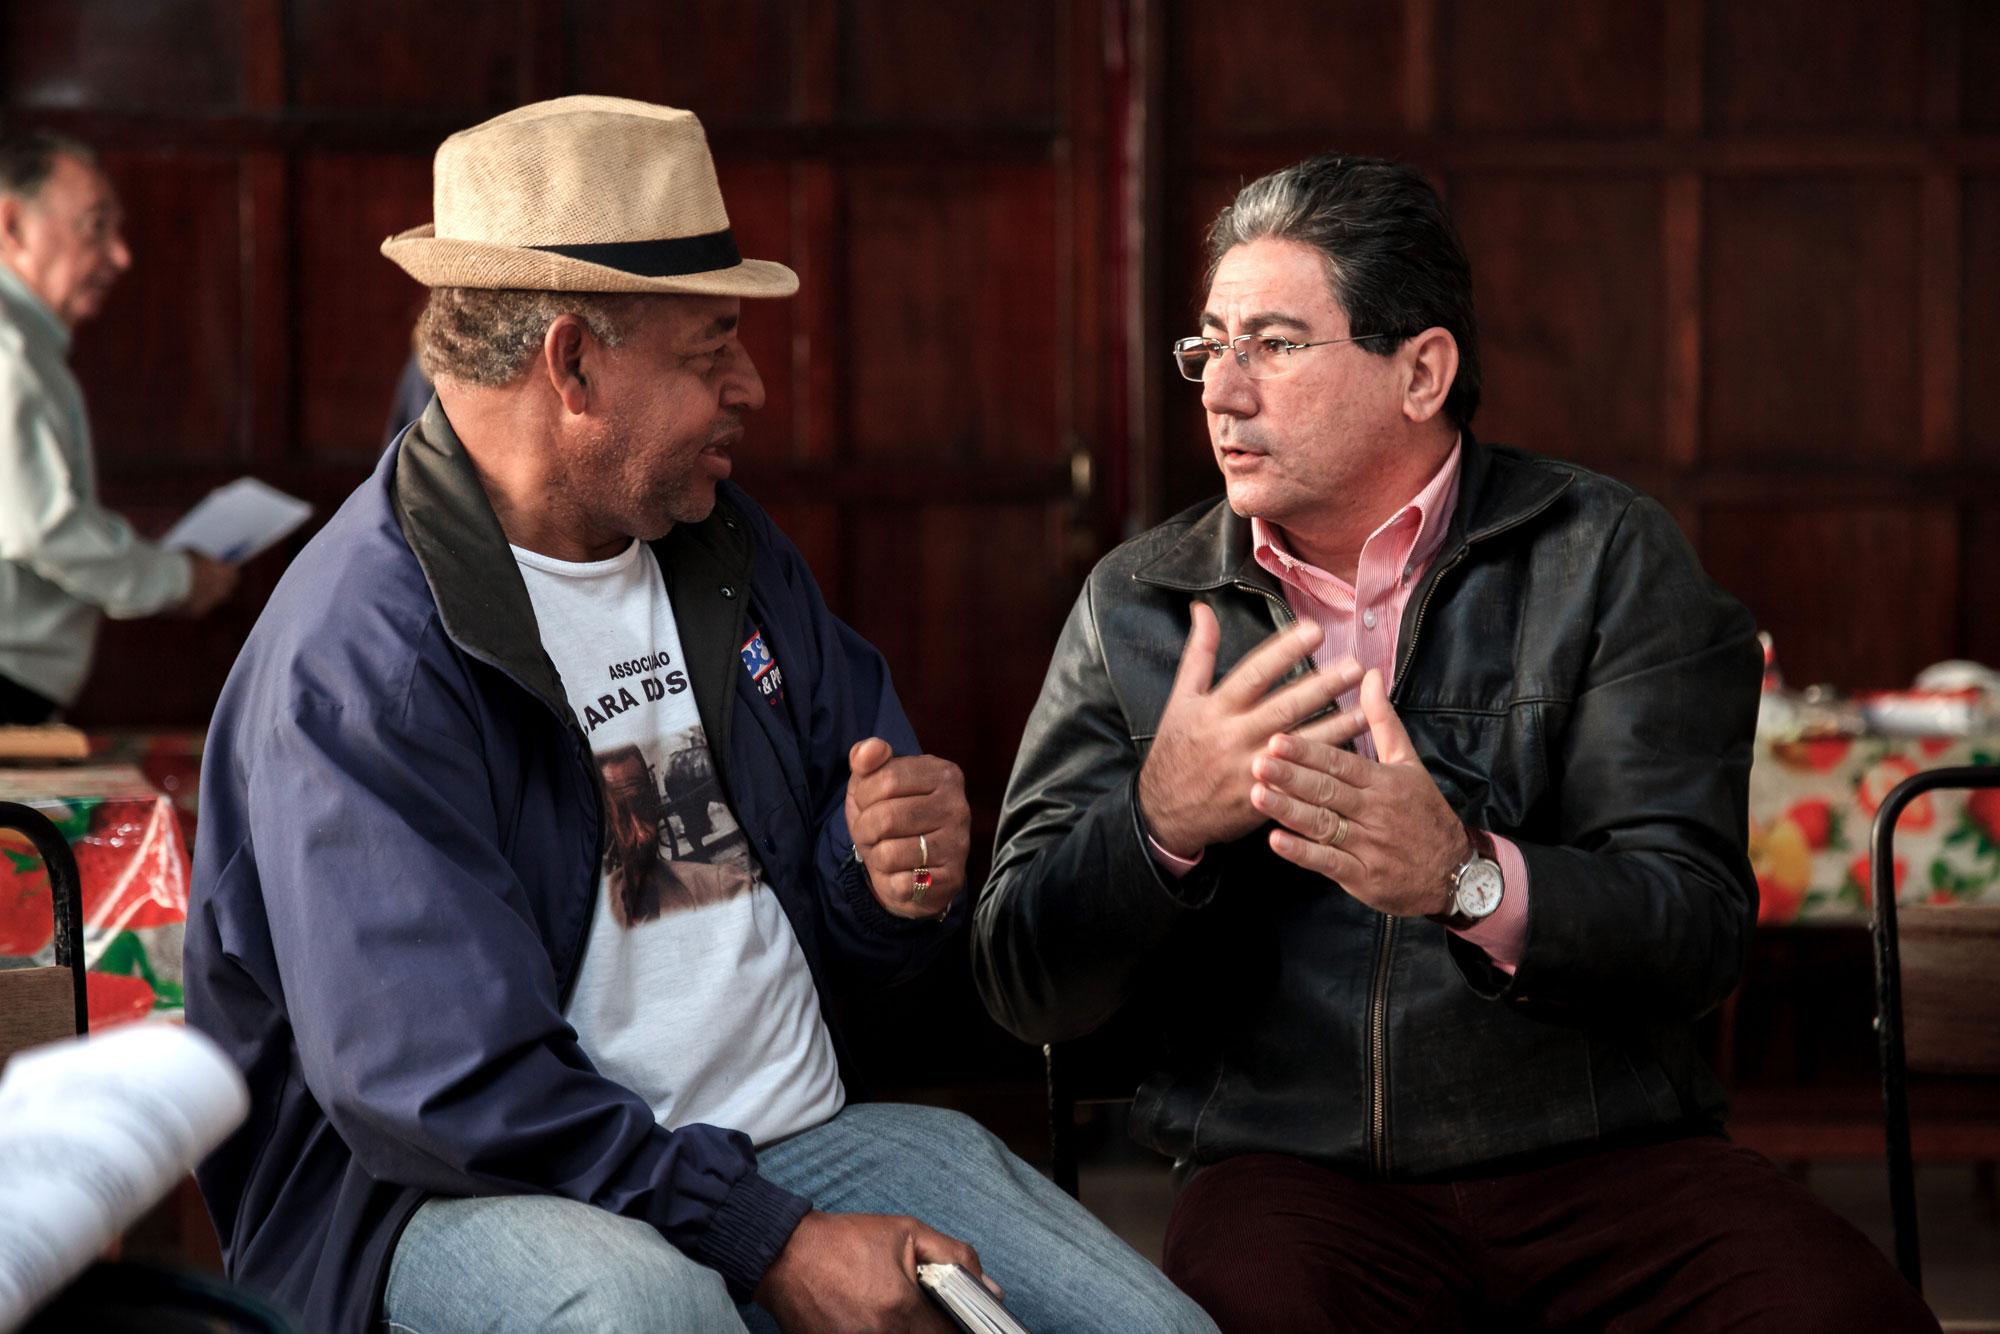 Claudio Roberto Pereira (Associação Chácara dos Pretos), e Dr. Juarez Vicente de Carvalho (OAB - Ordem dos Advogados do Brasil Subseção Rio Claro)